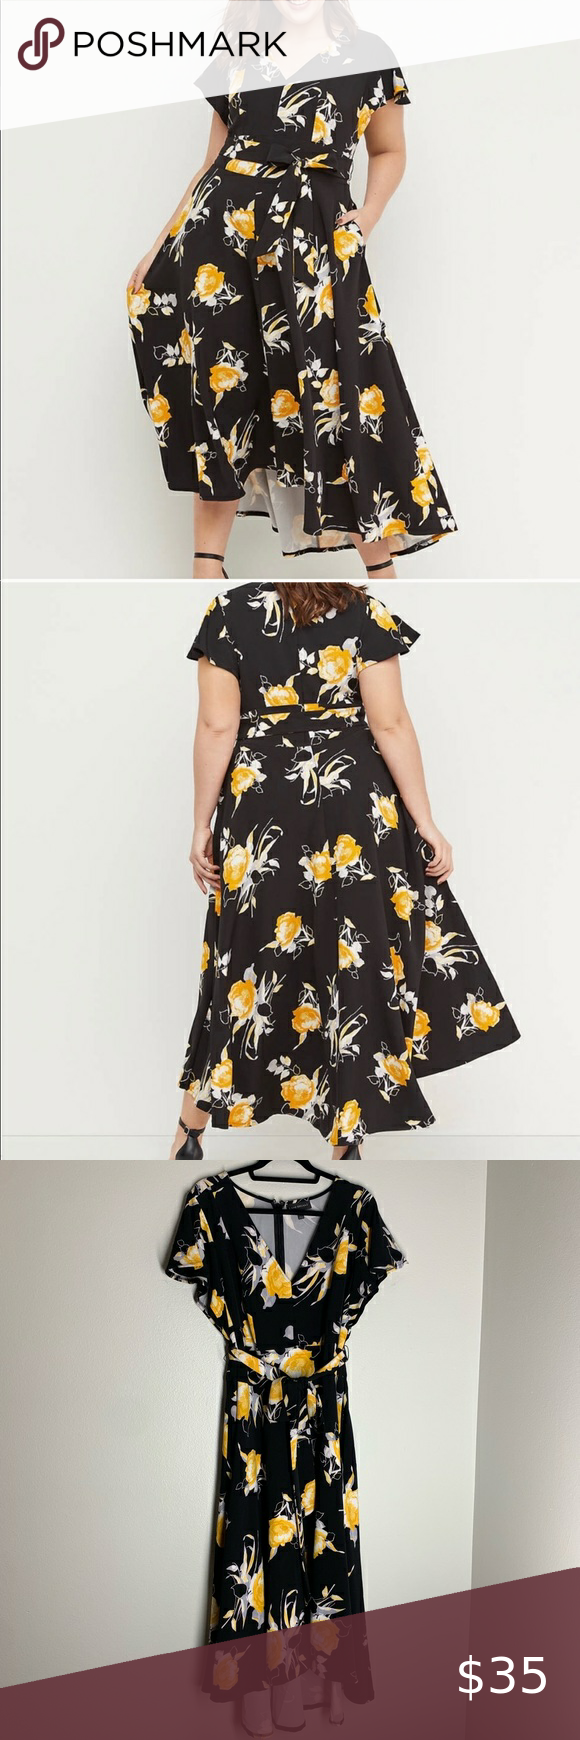 Lane Bryant Lena Floral Dress V Neck Belted Midi Floral Dress Lane Bryant Dresses Lane Bryant [ 1740 x 580 Pixel ]